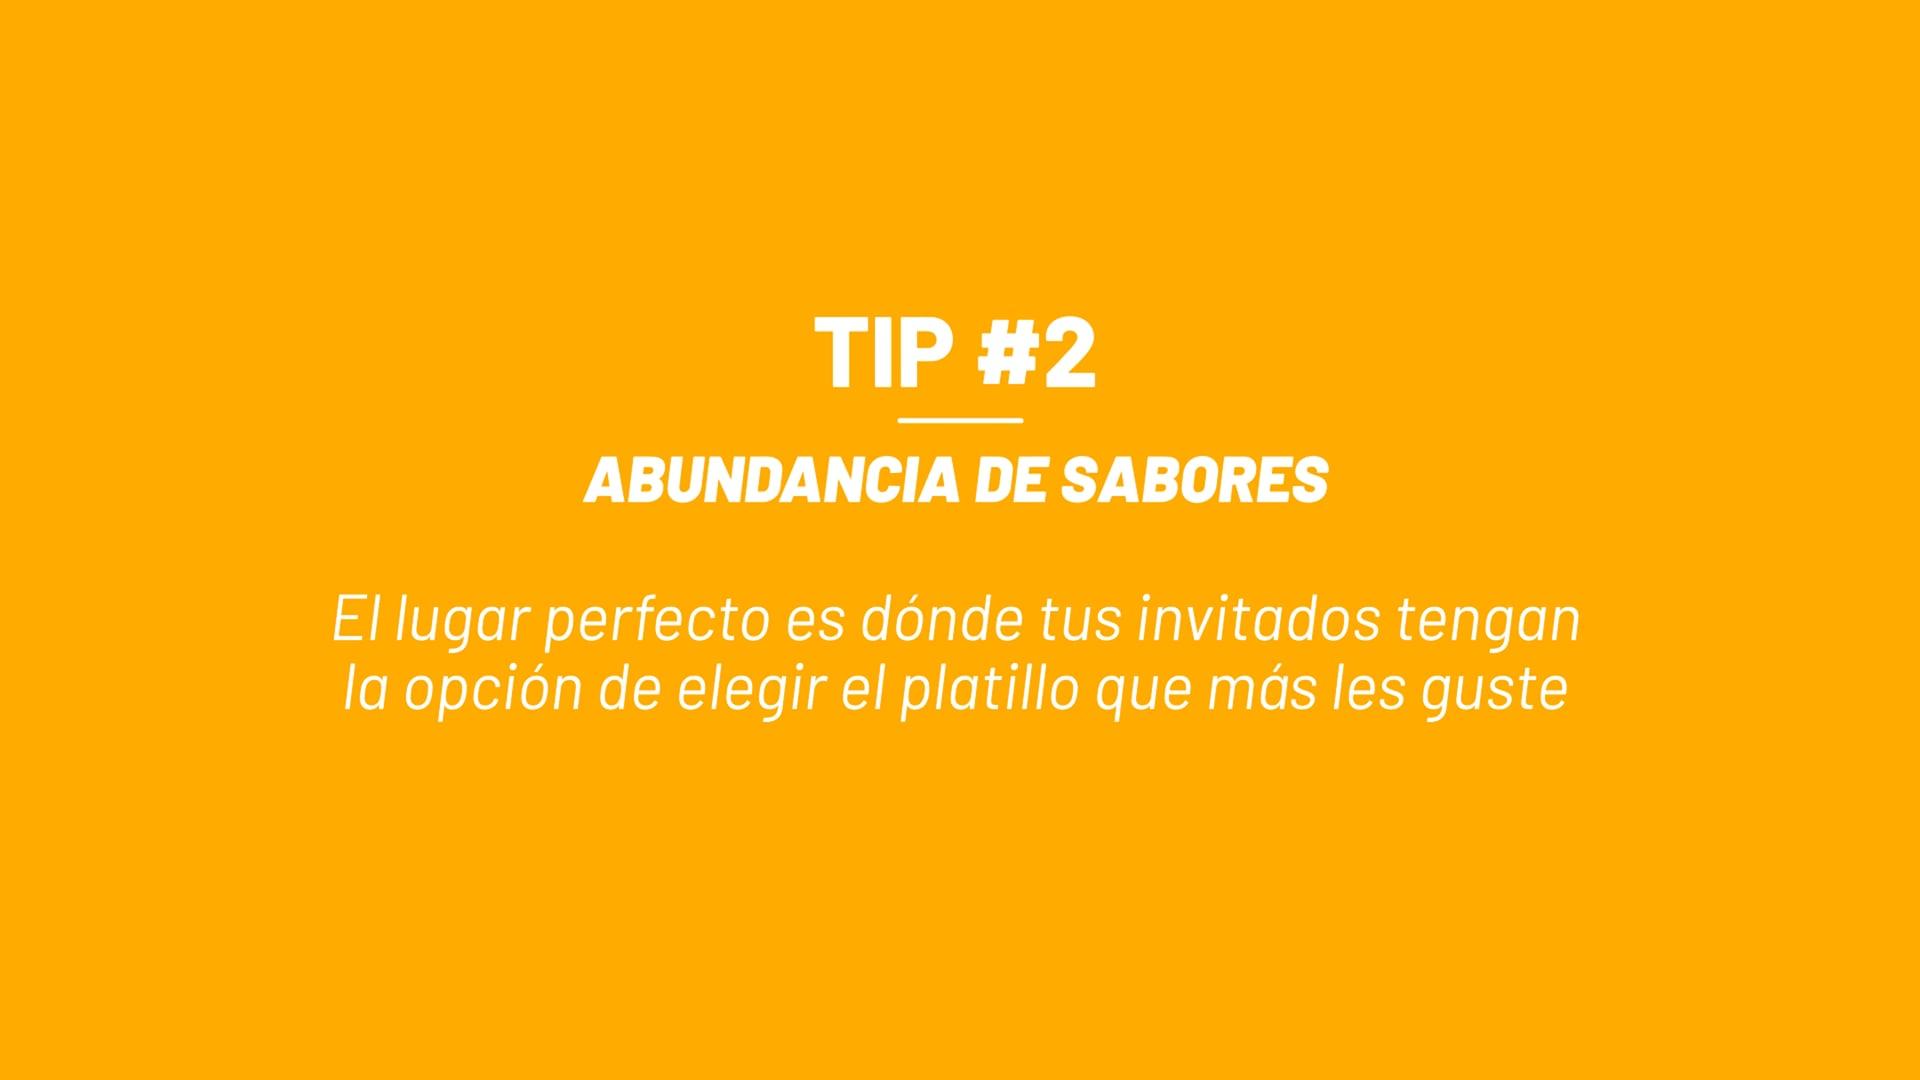 Tip #2 - Abundancia de Sabores